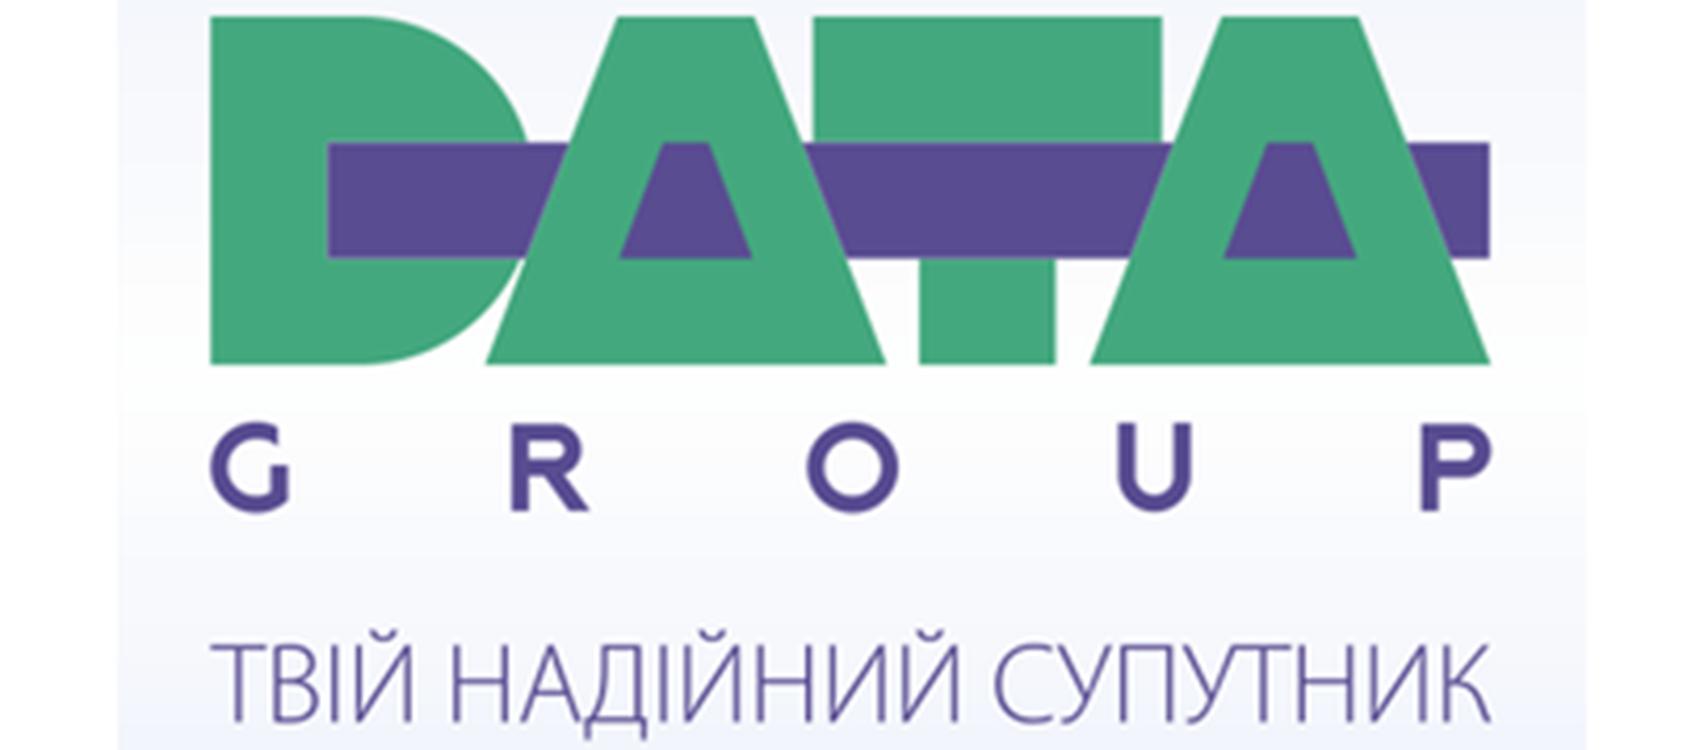 Датагруп – Интернет Бум (спутниковый интернет)